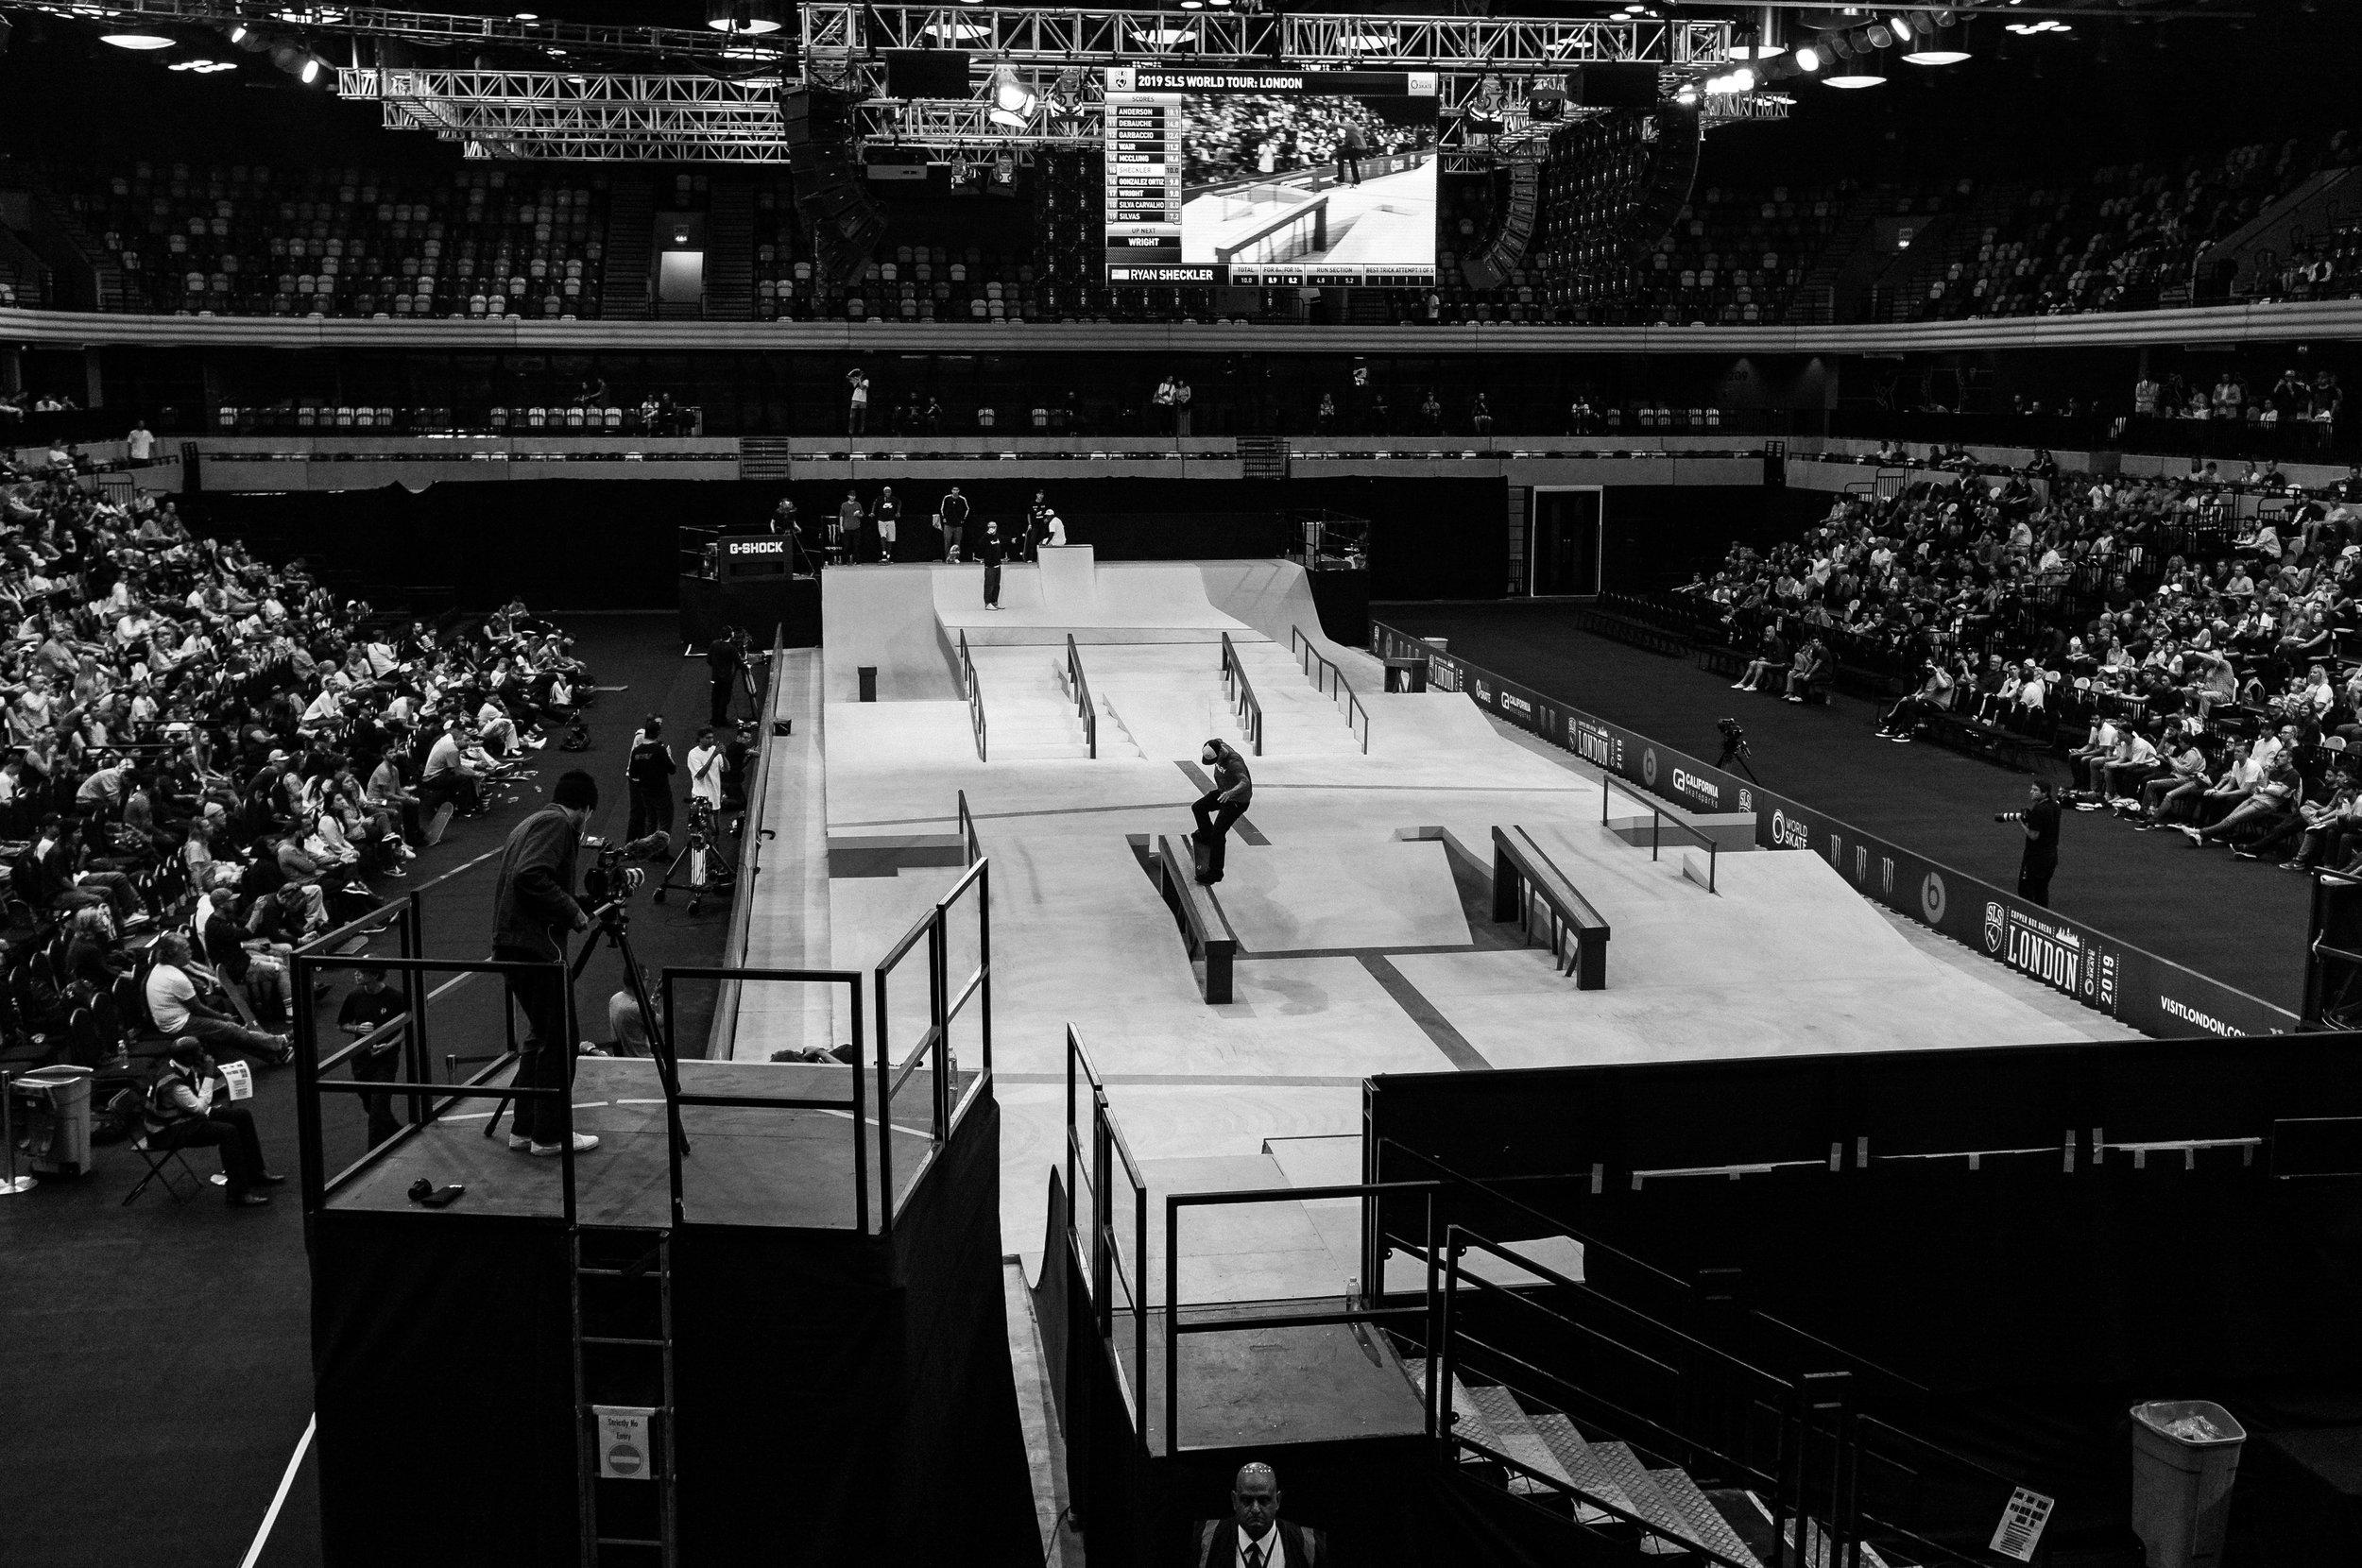 Skateboard Course SLS London